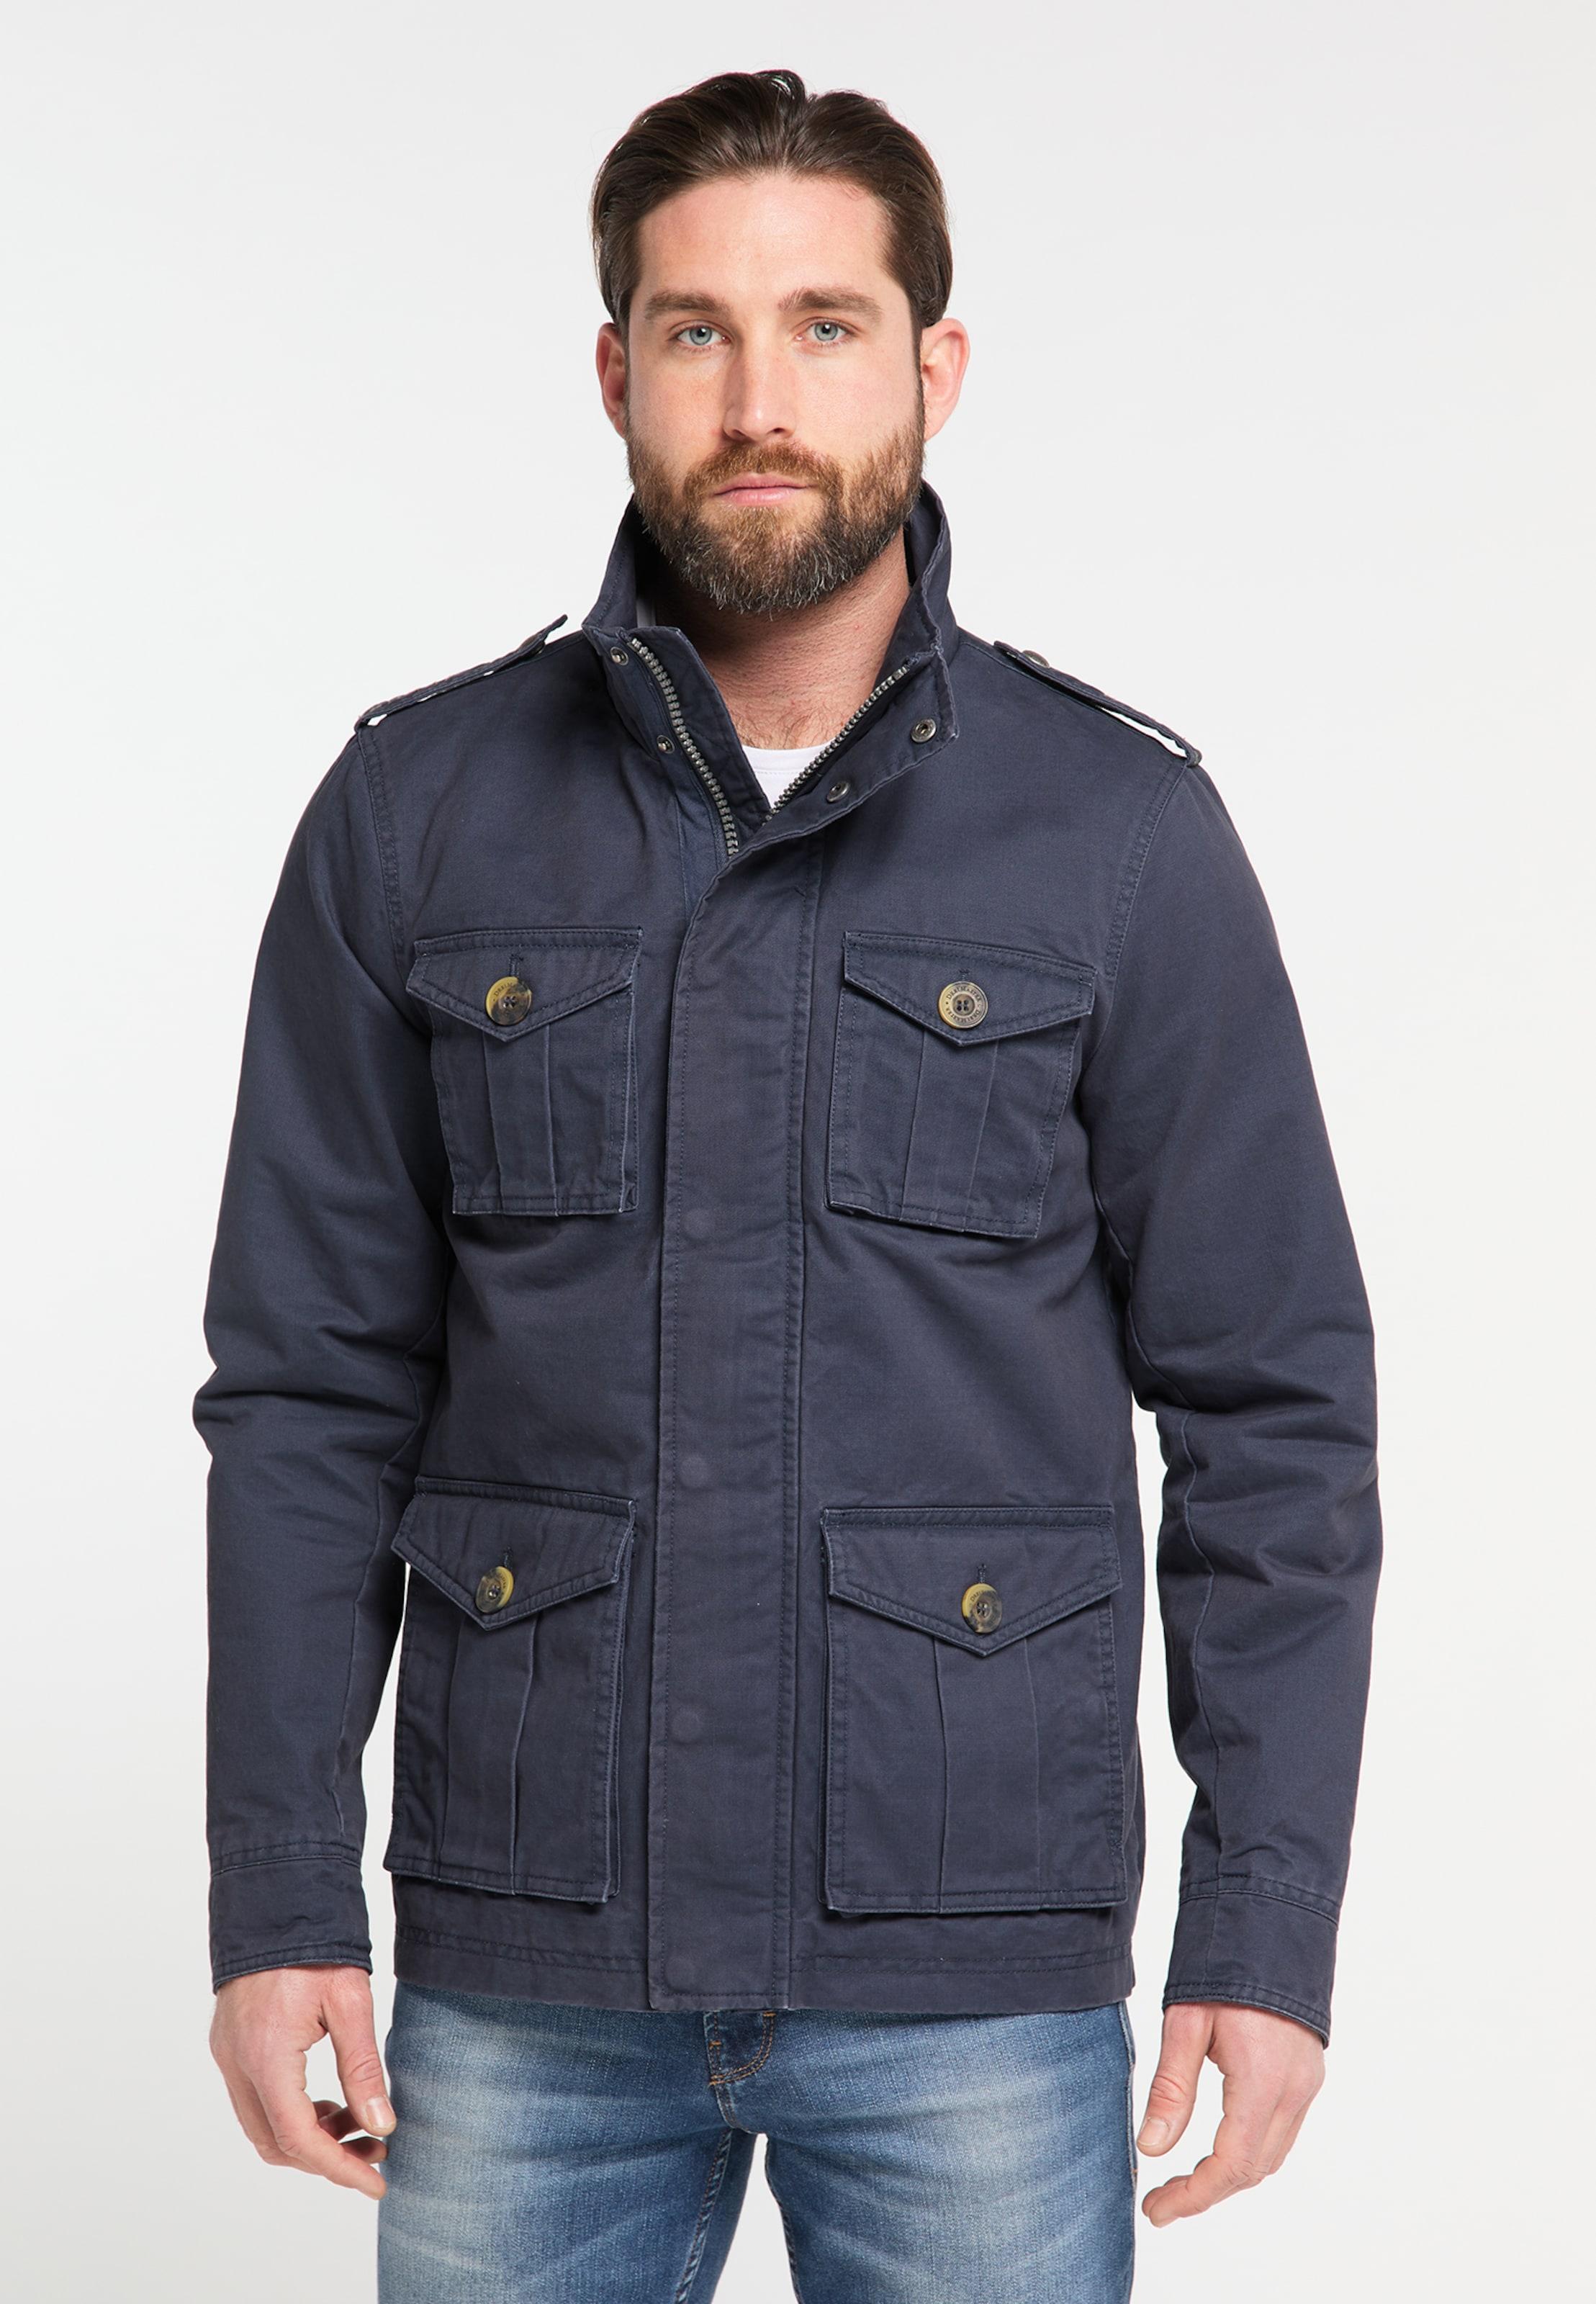 DREIMASTER Jacke in nachtblau Unifarben 4251686654988